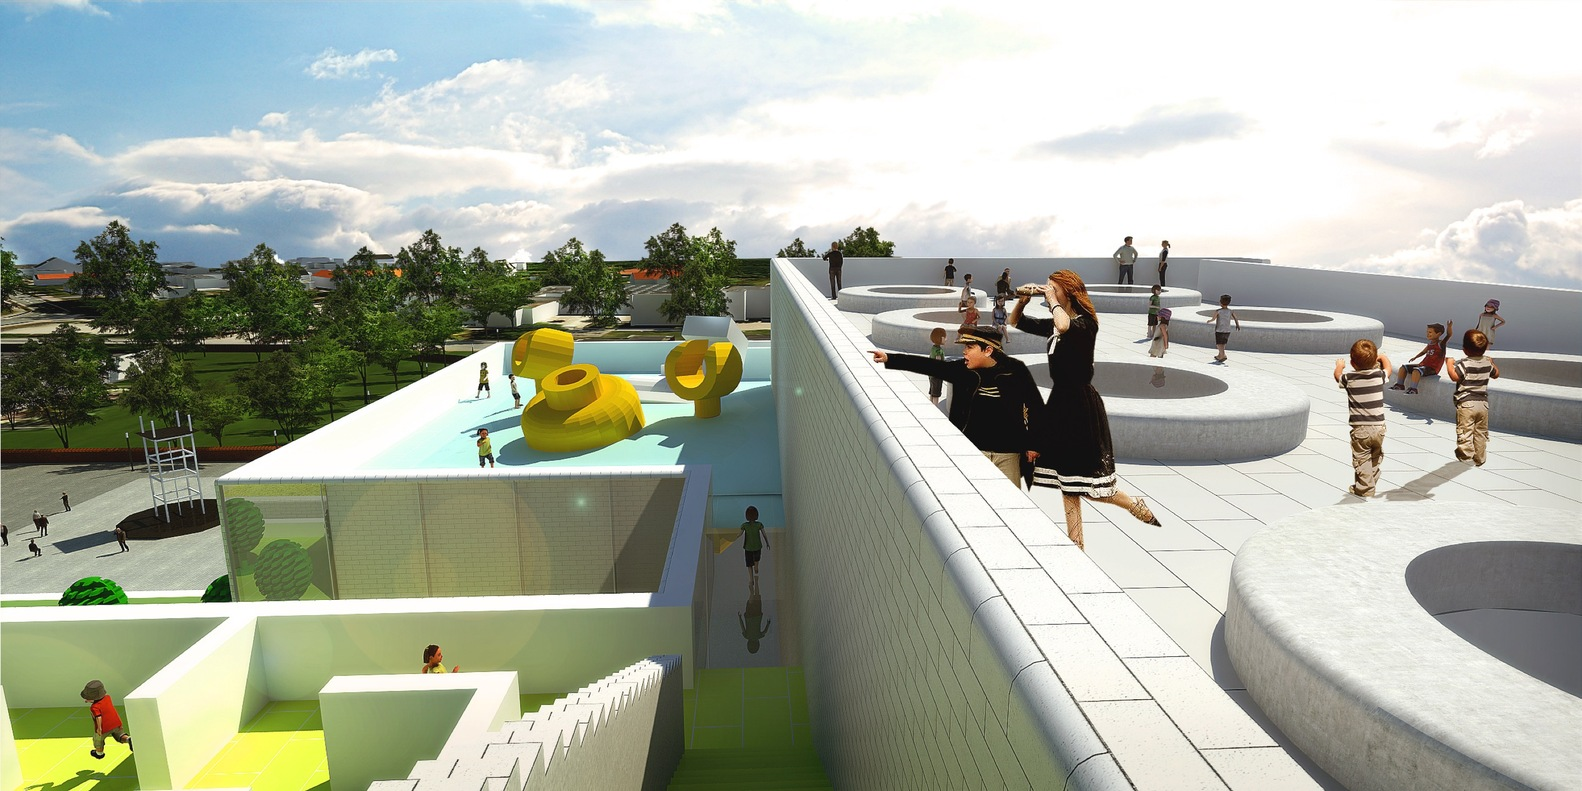 Здание построено вформе игрушки, собранной изкирпичиков LEGO